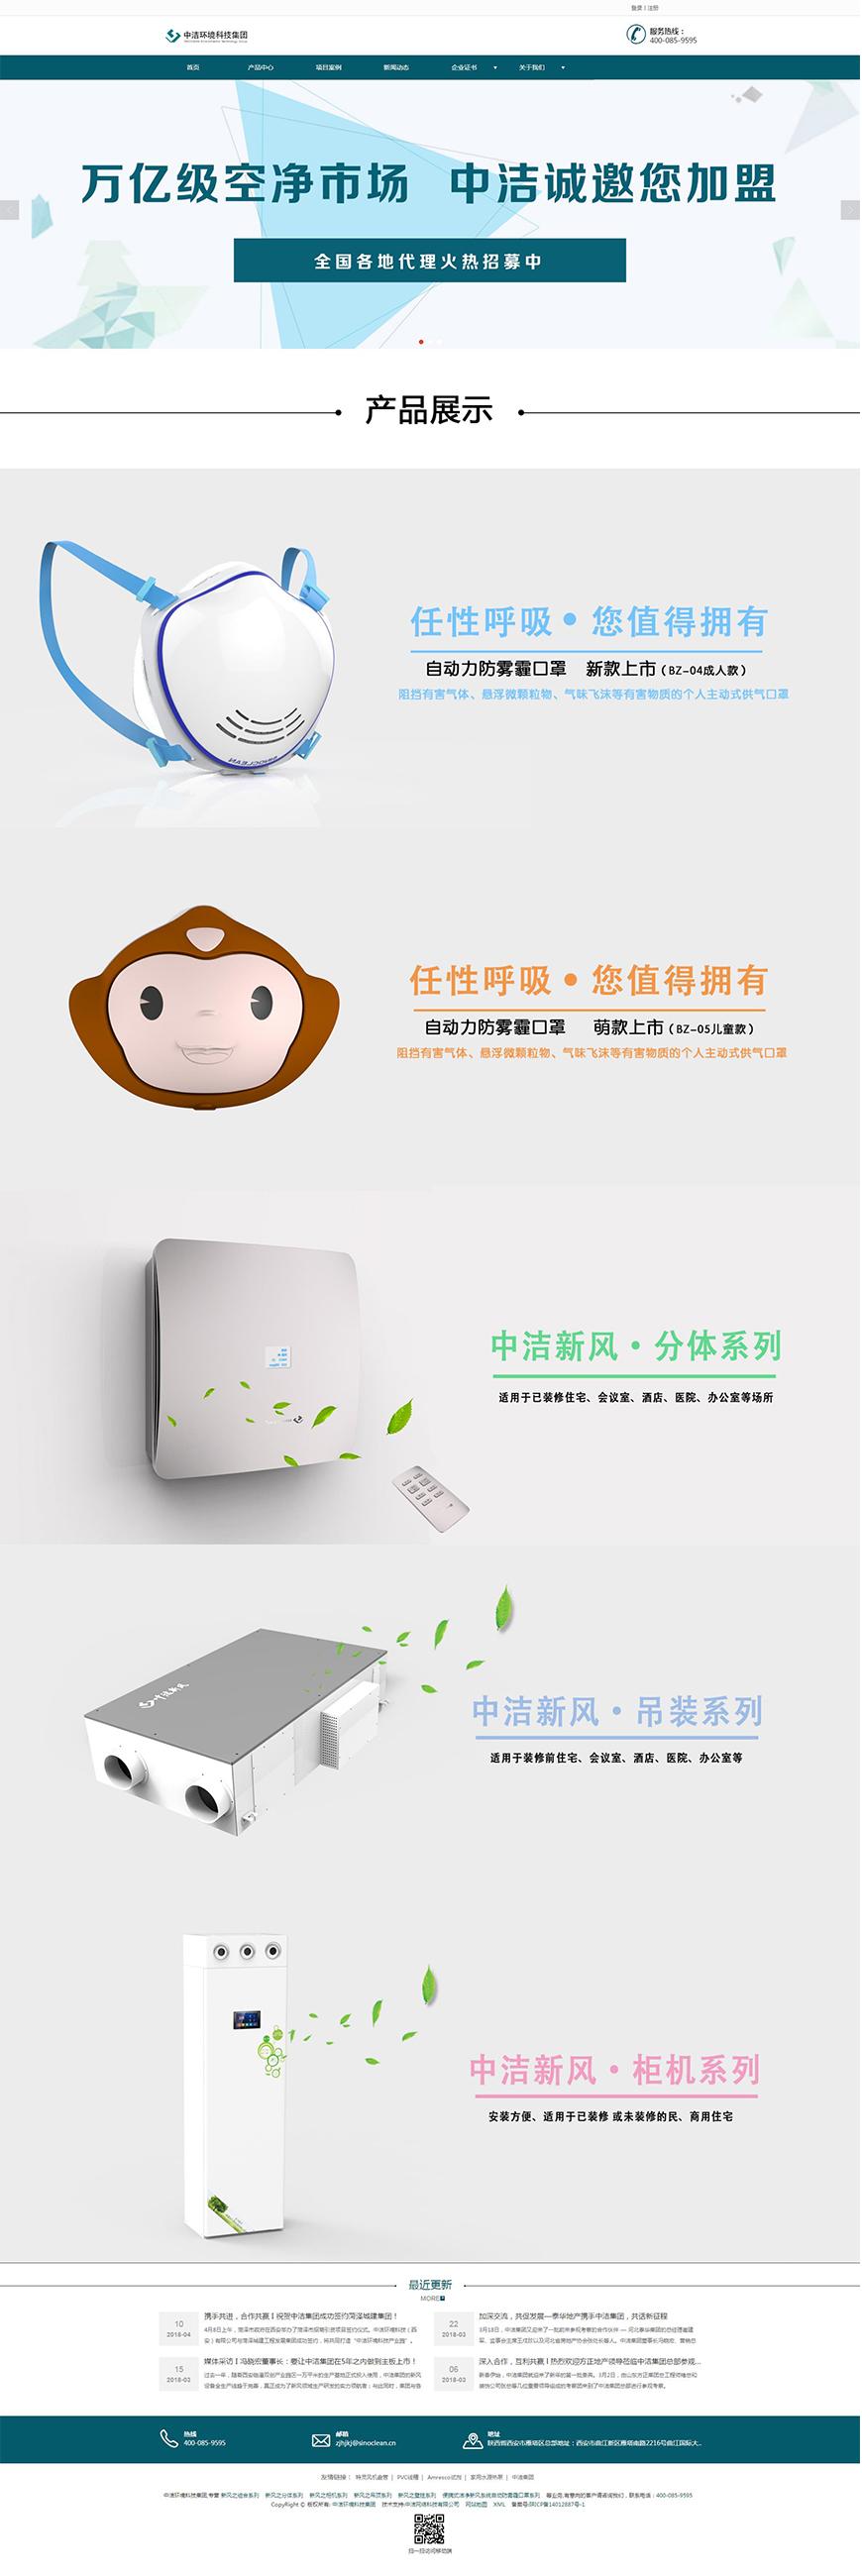 中洁环境科技.jpg